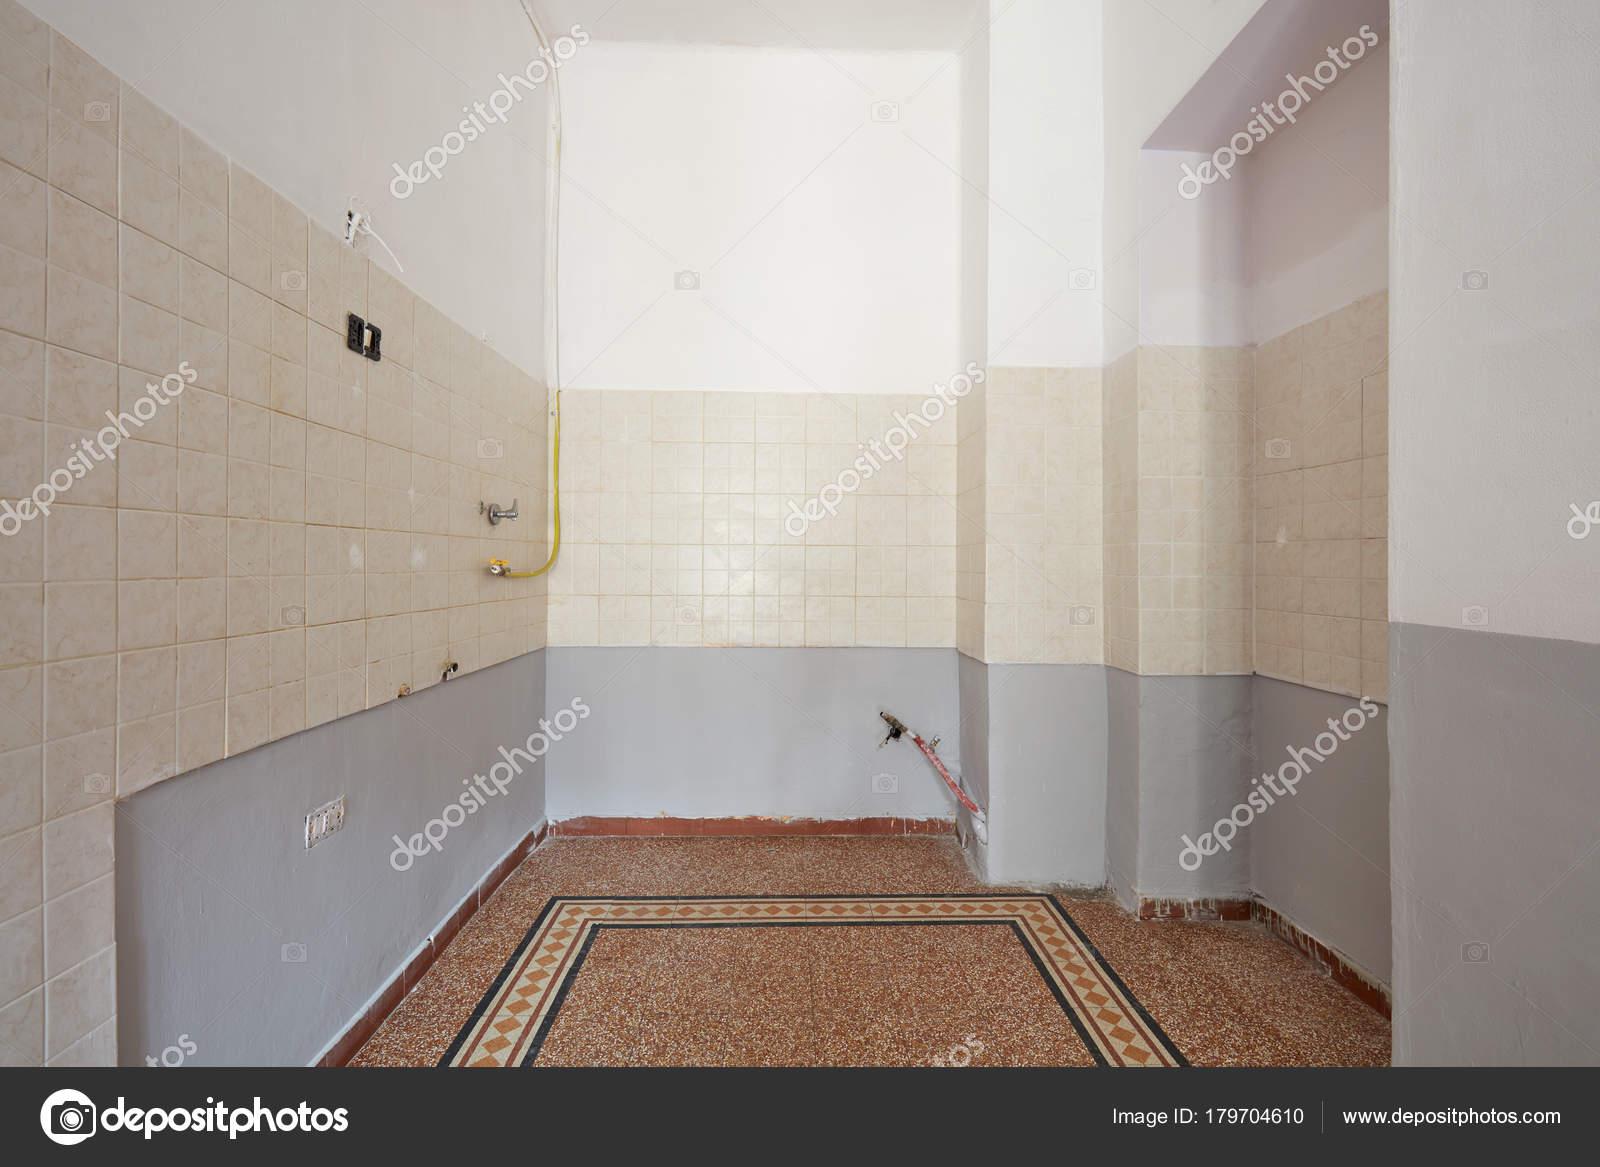 Leere Küche Interieur Mit Fliesenboden Und Teil Der Mauer ...